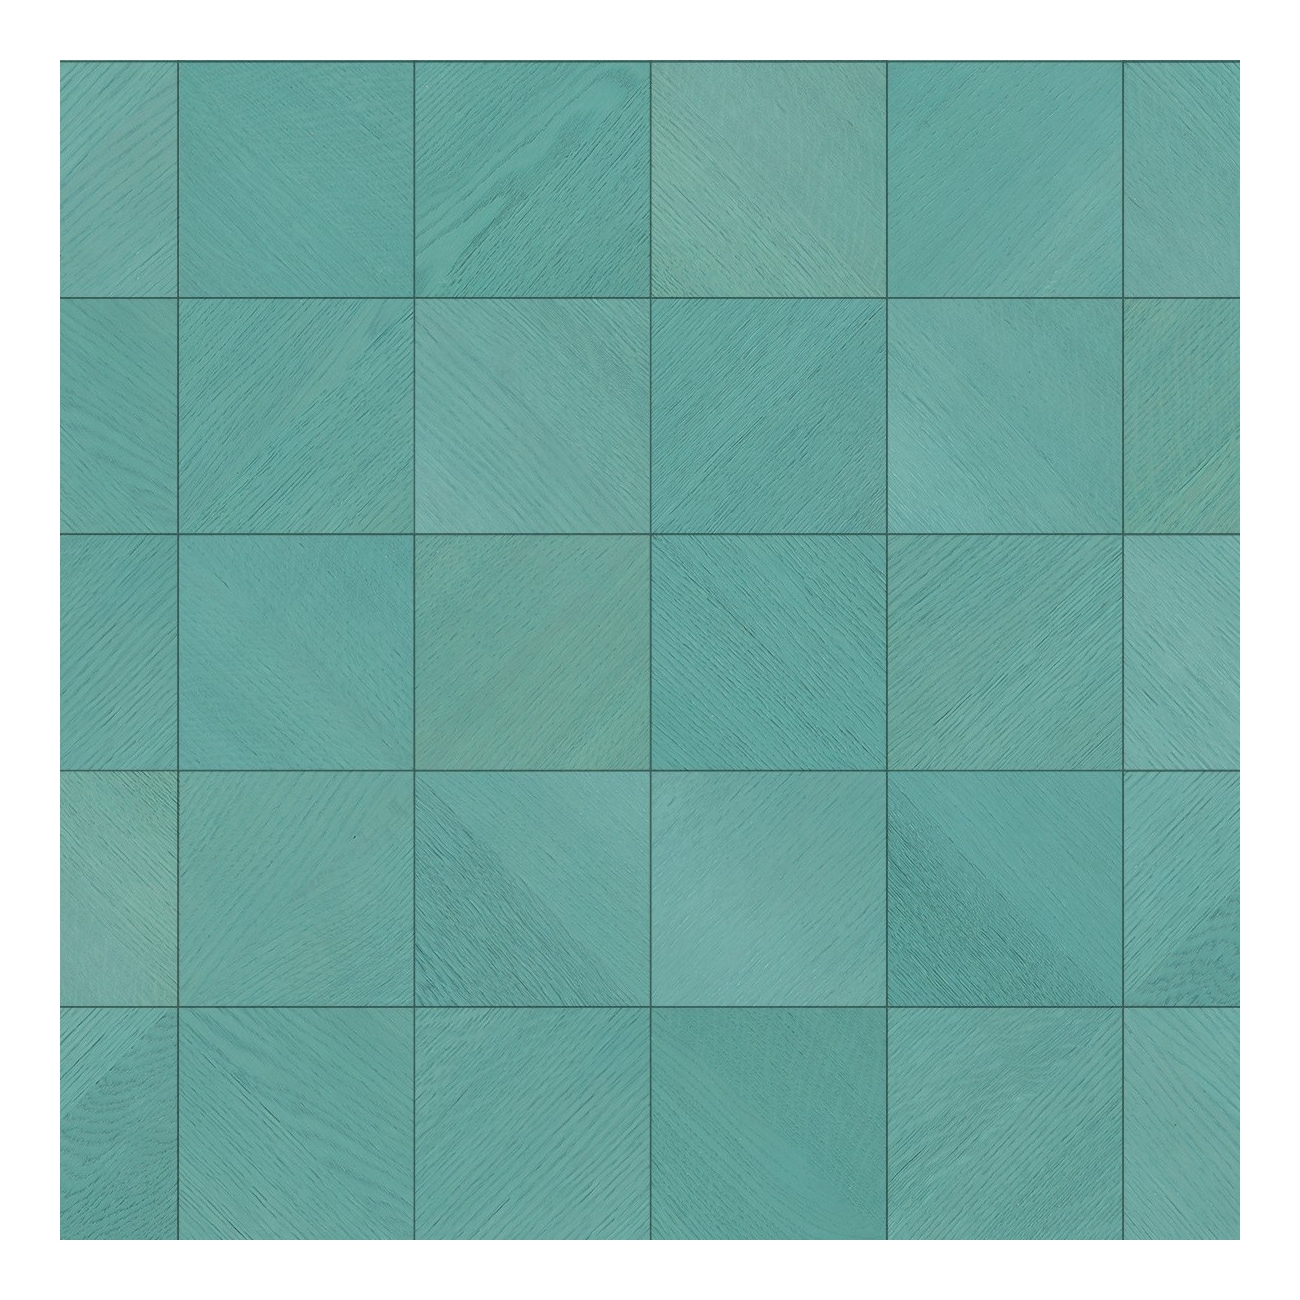 Bisazza Wood Quadro Mint (Q) 202x202